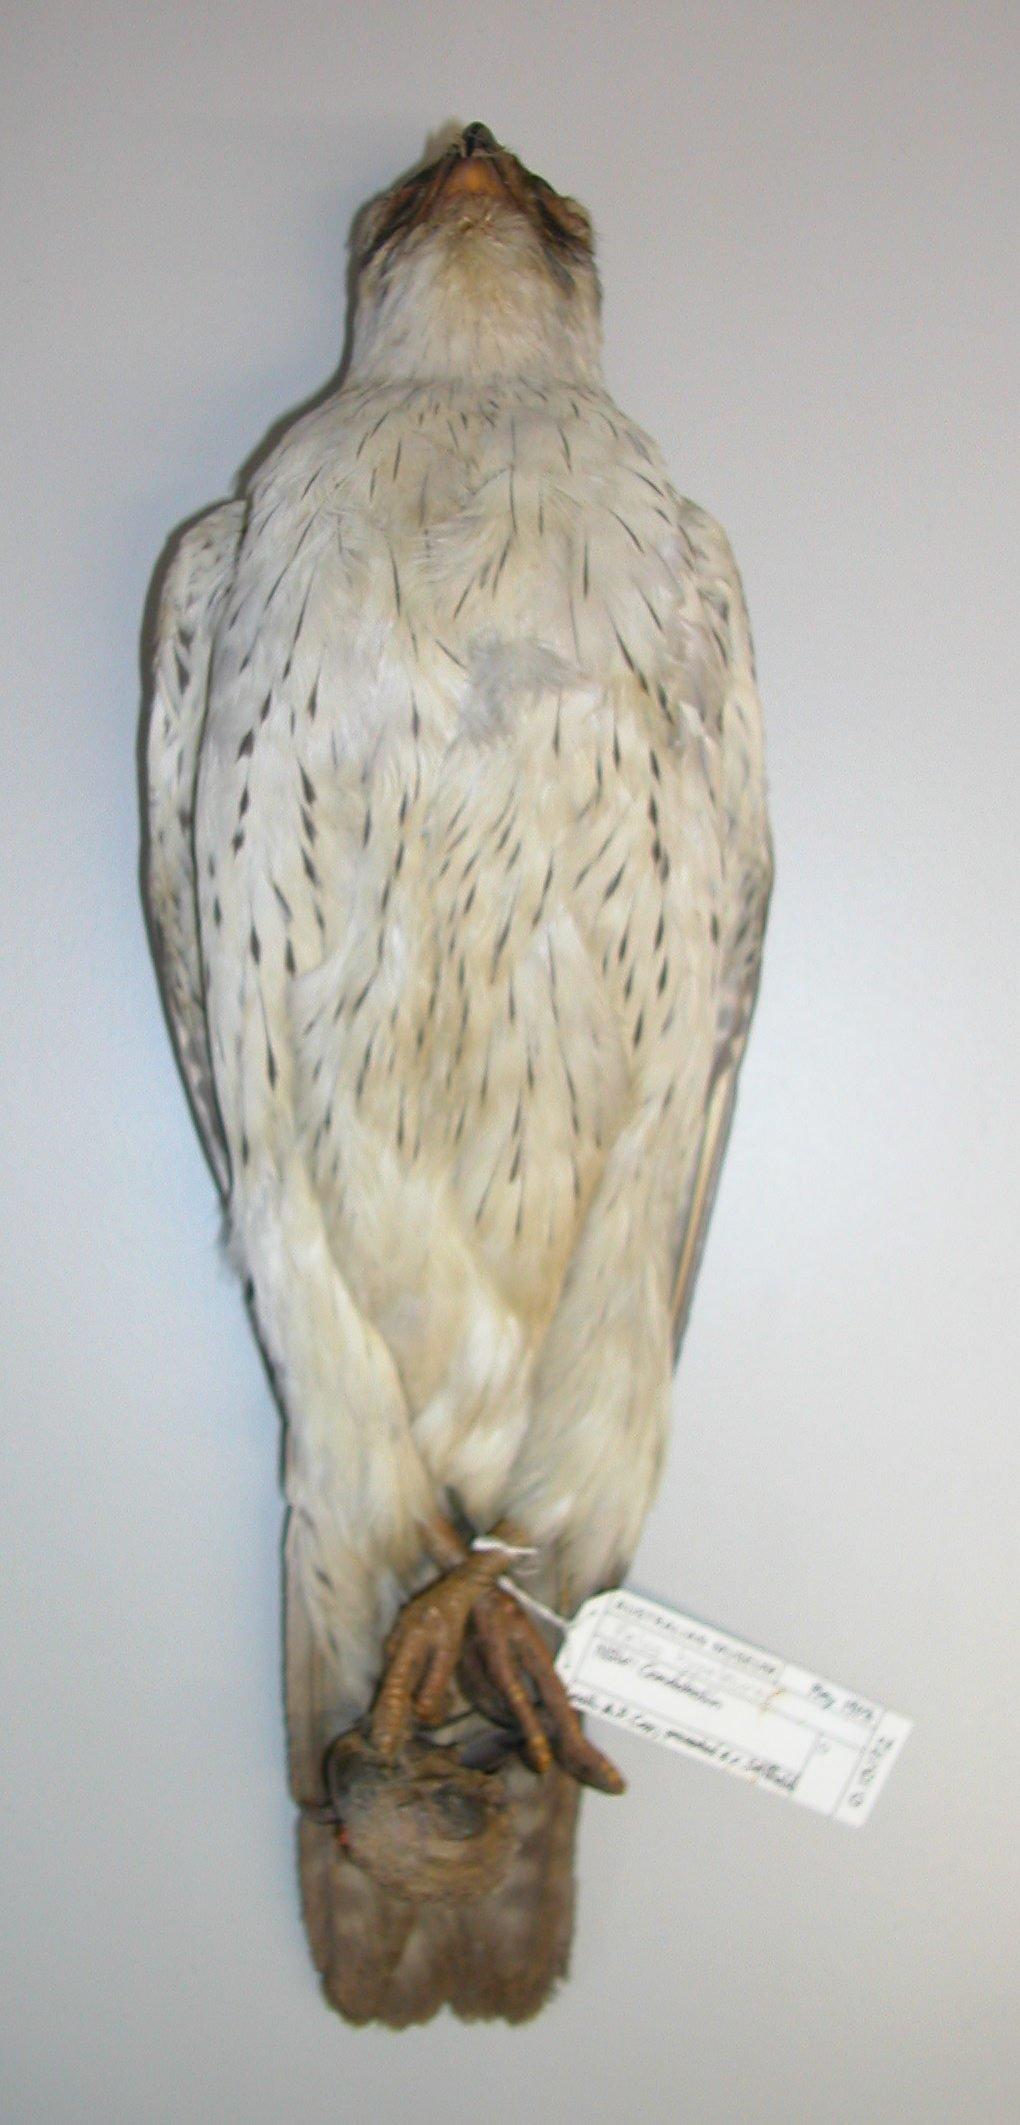 O.13172 Falco hypoleucos and skull of Barnardius zonarius barnardi